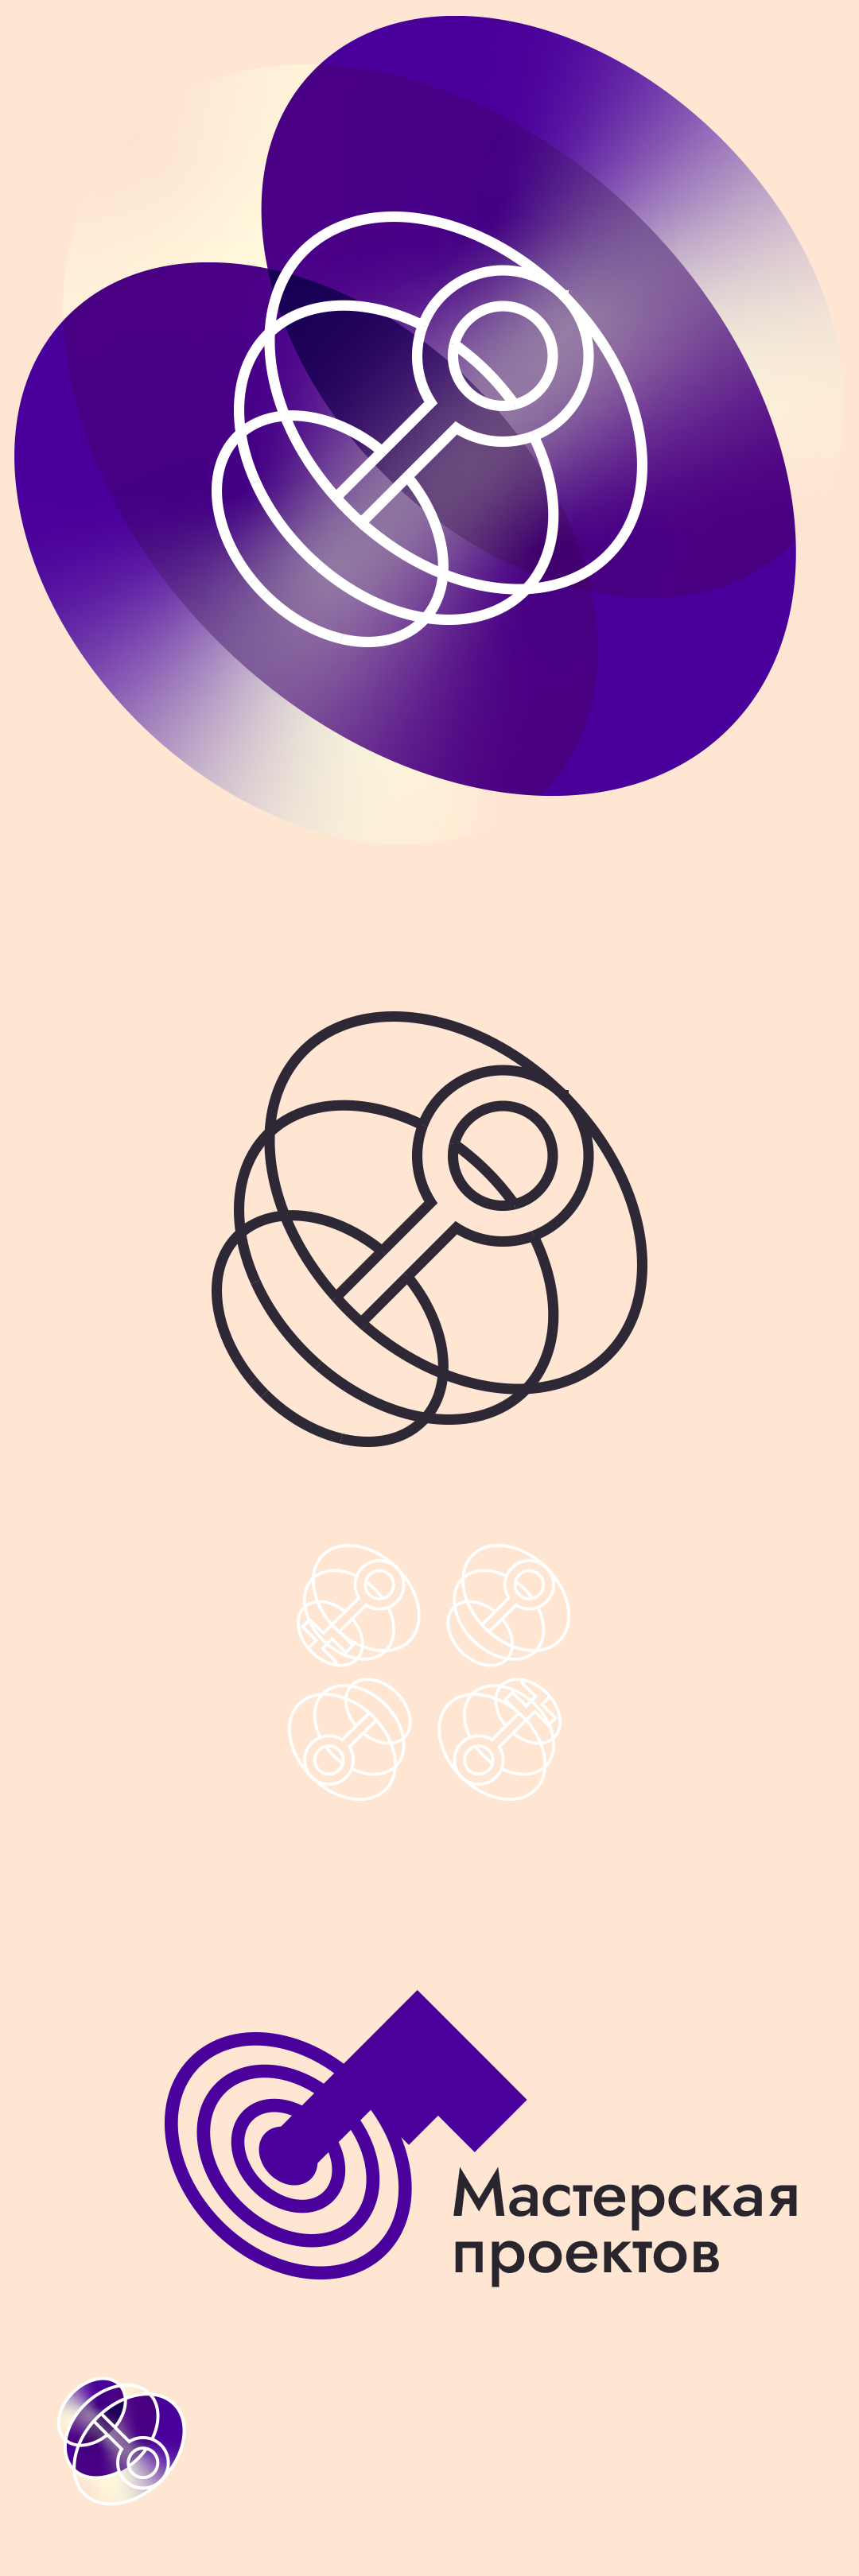 Разработка логотипа строительно-мебельного проекта (см. опис фото f_5836071294c14626.jpg